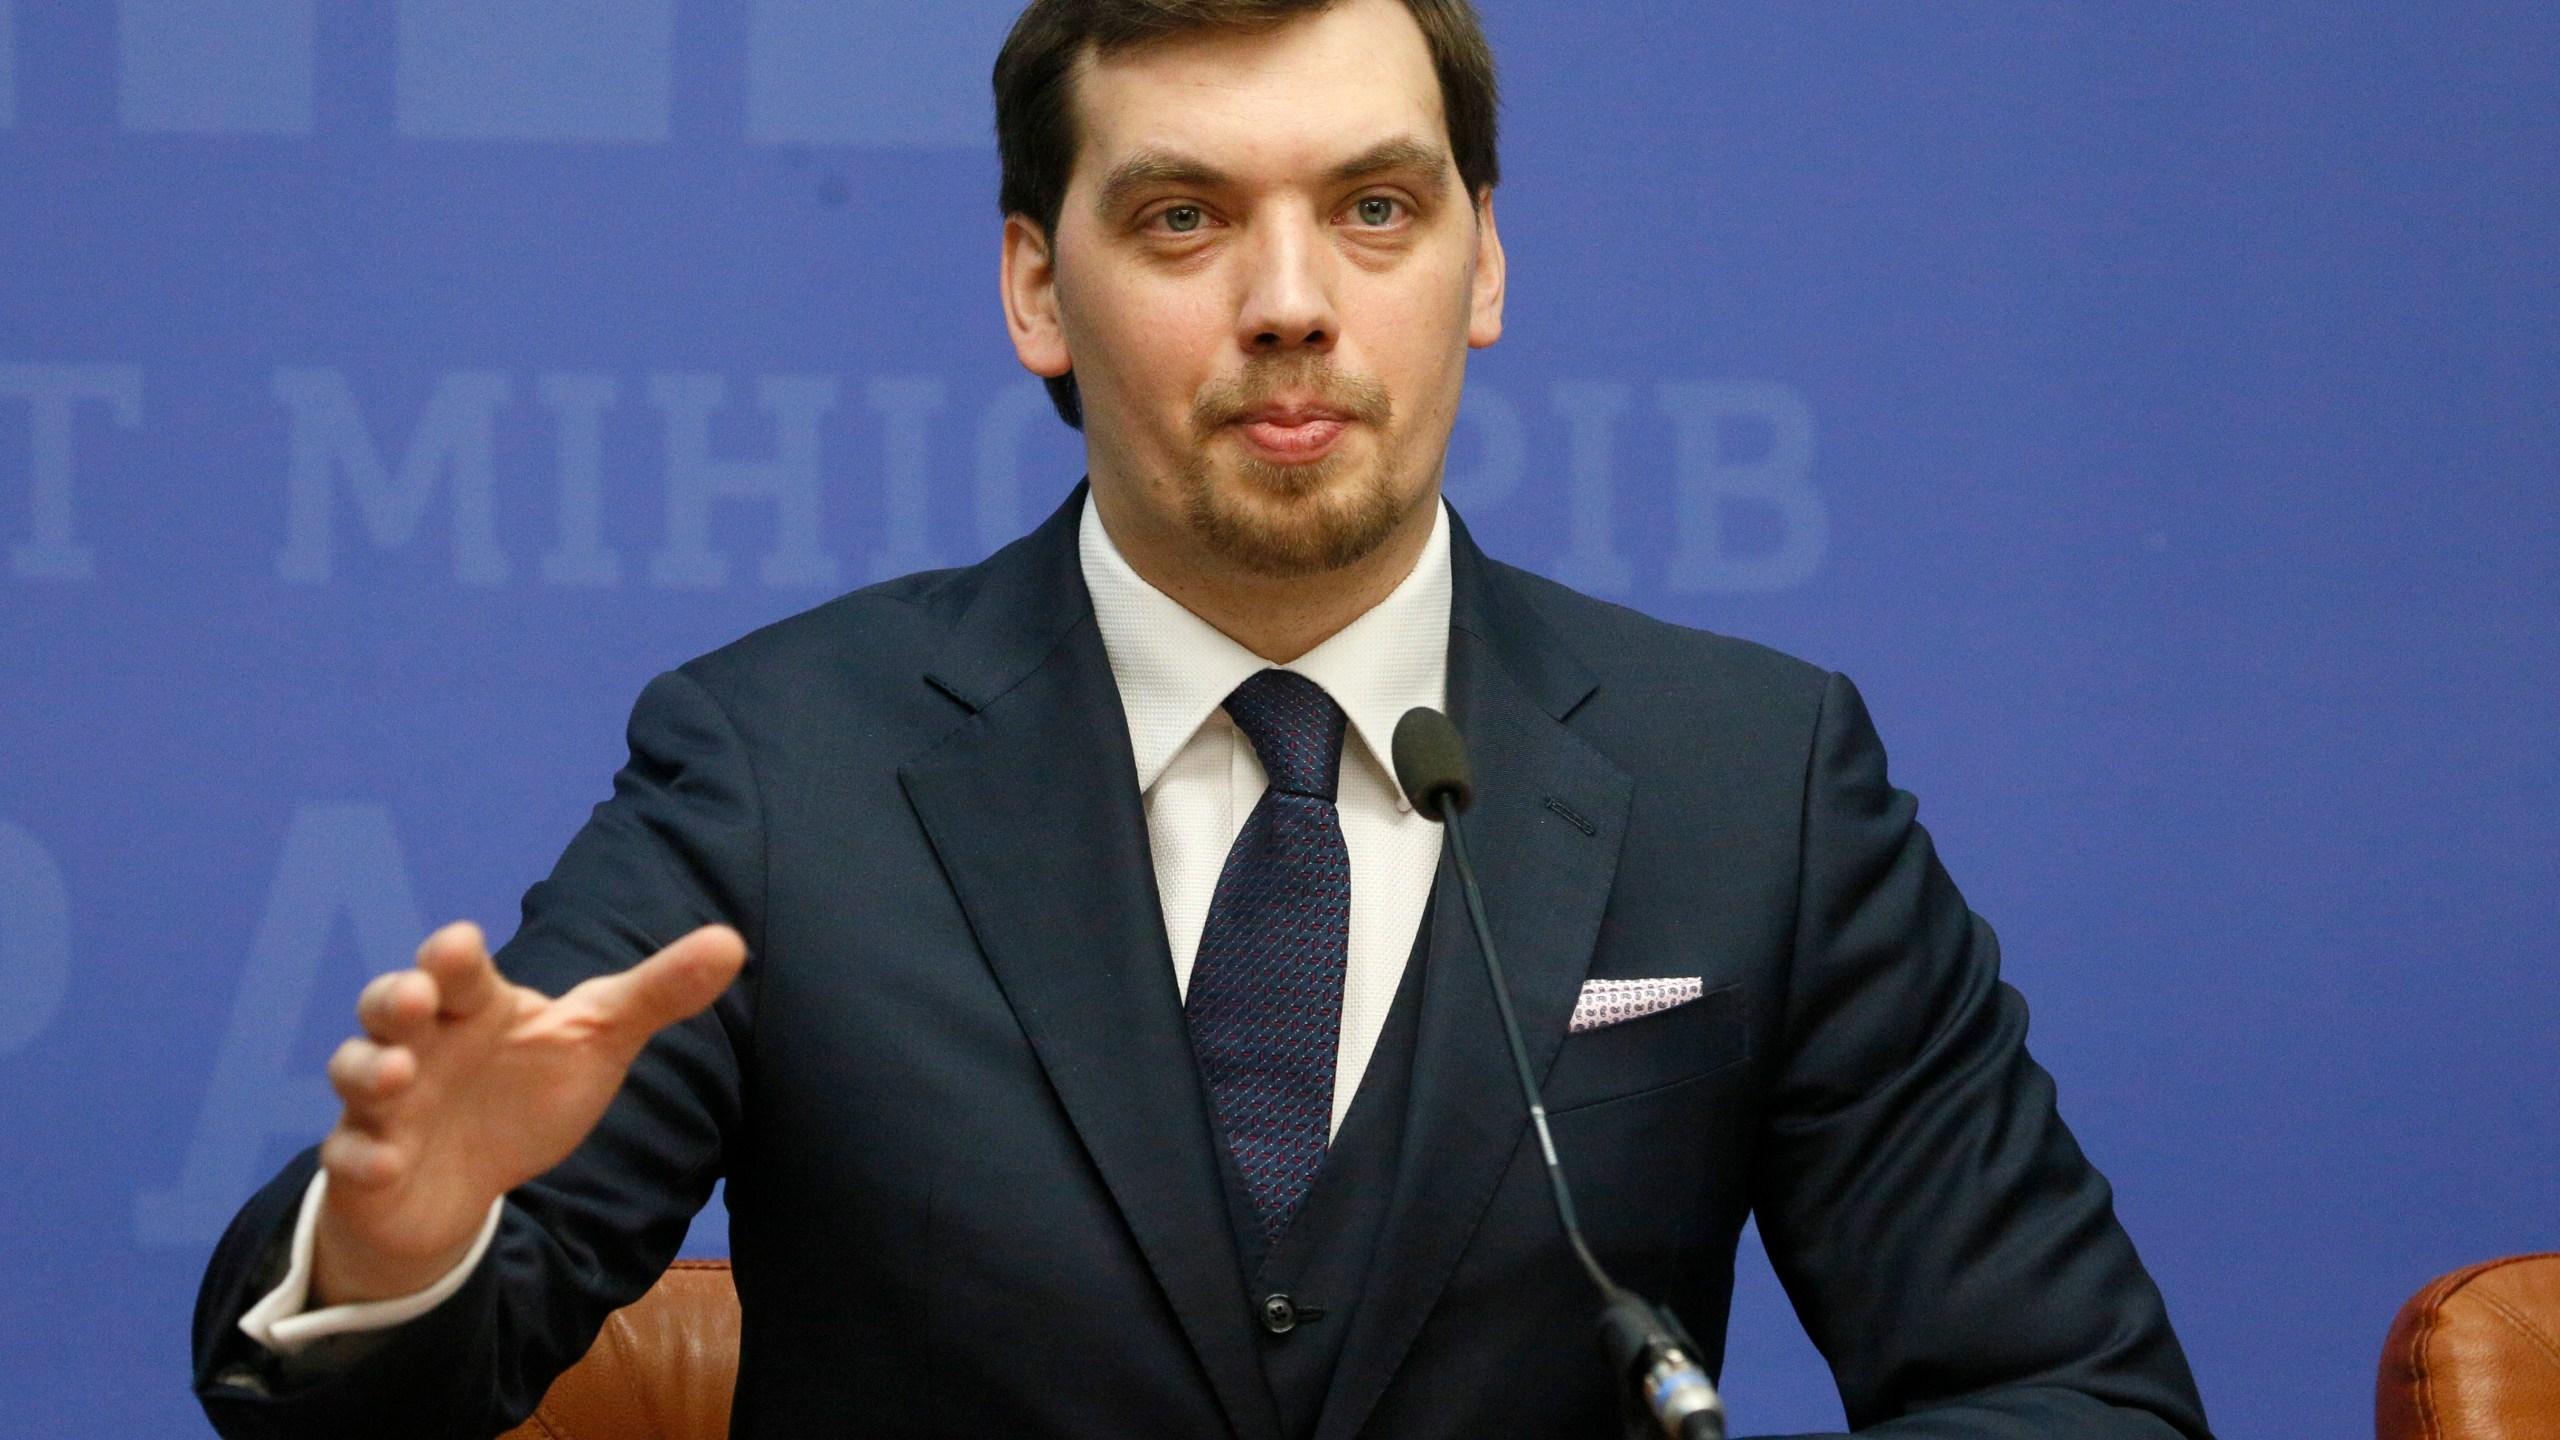 Oleksiy Honcharuk